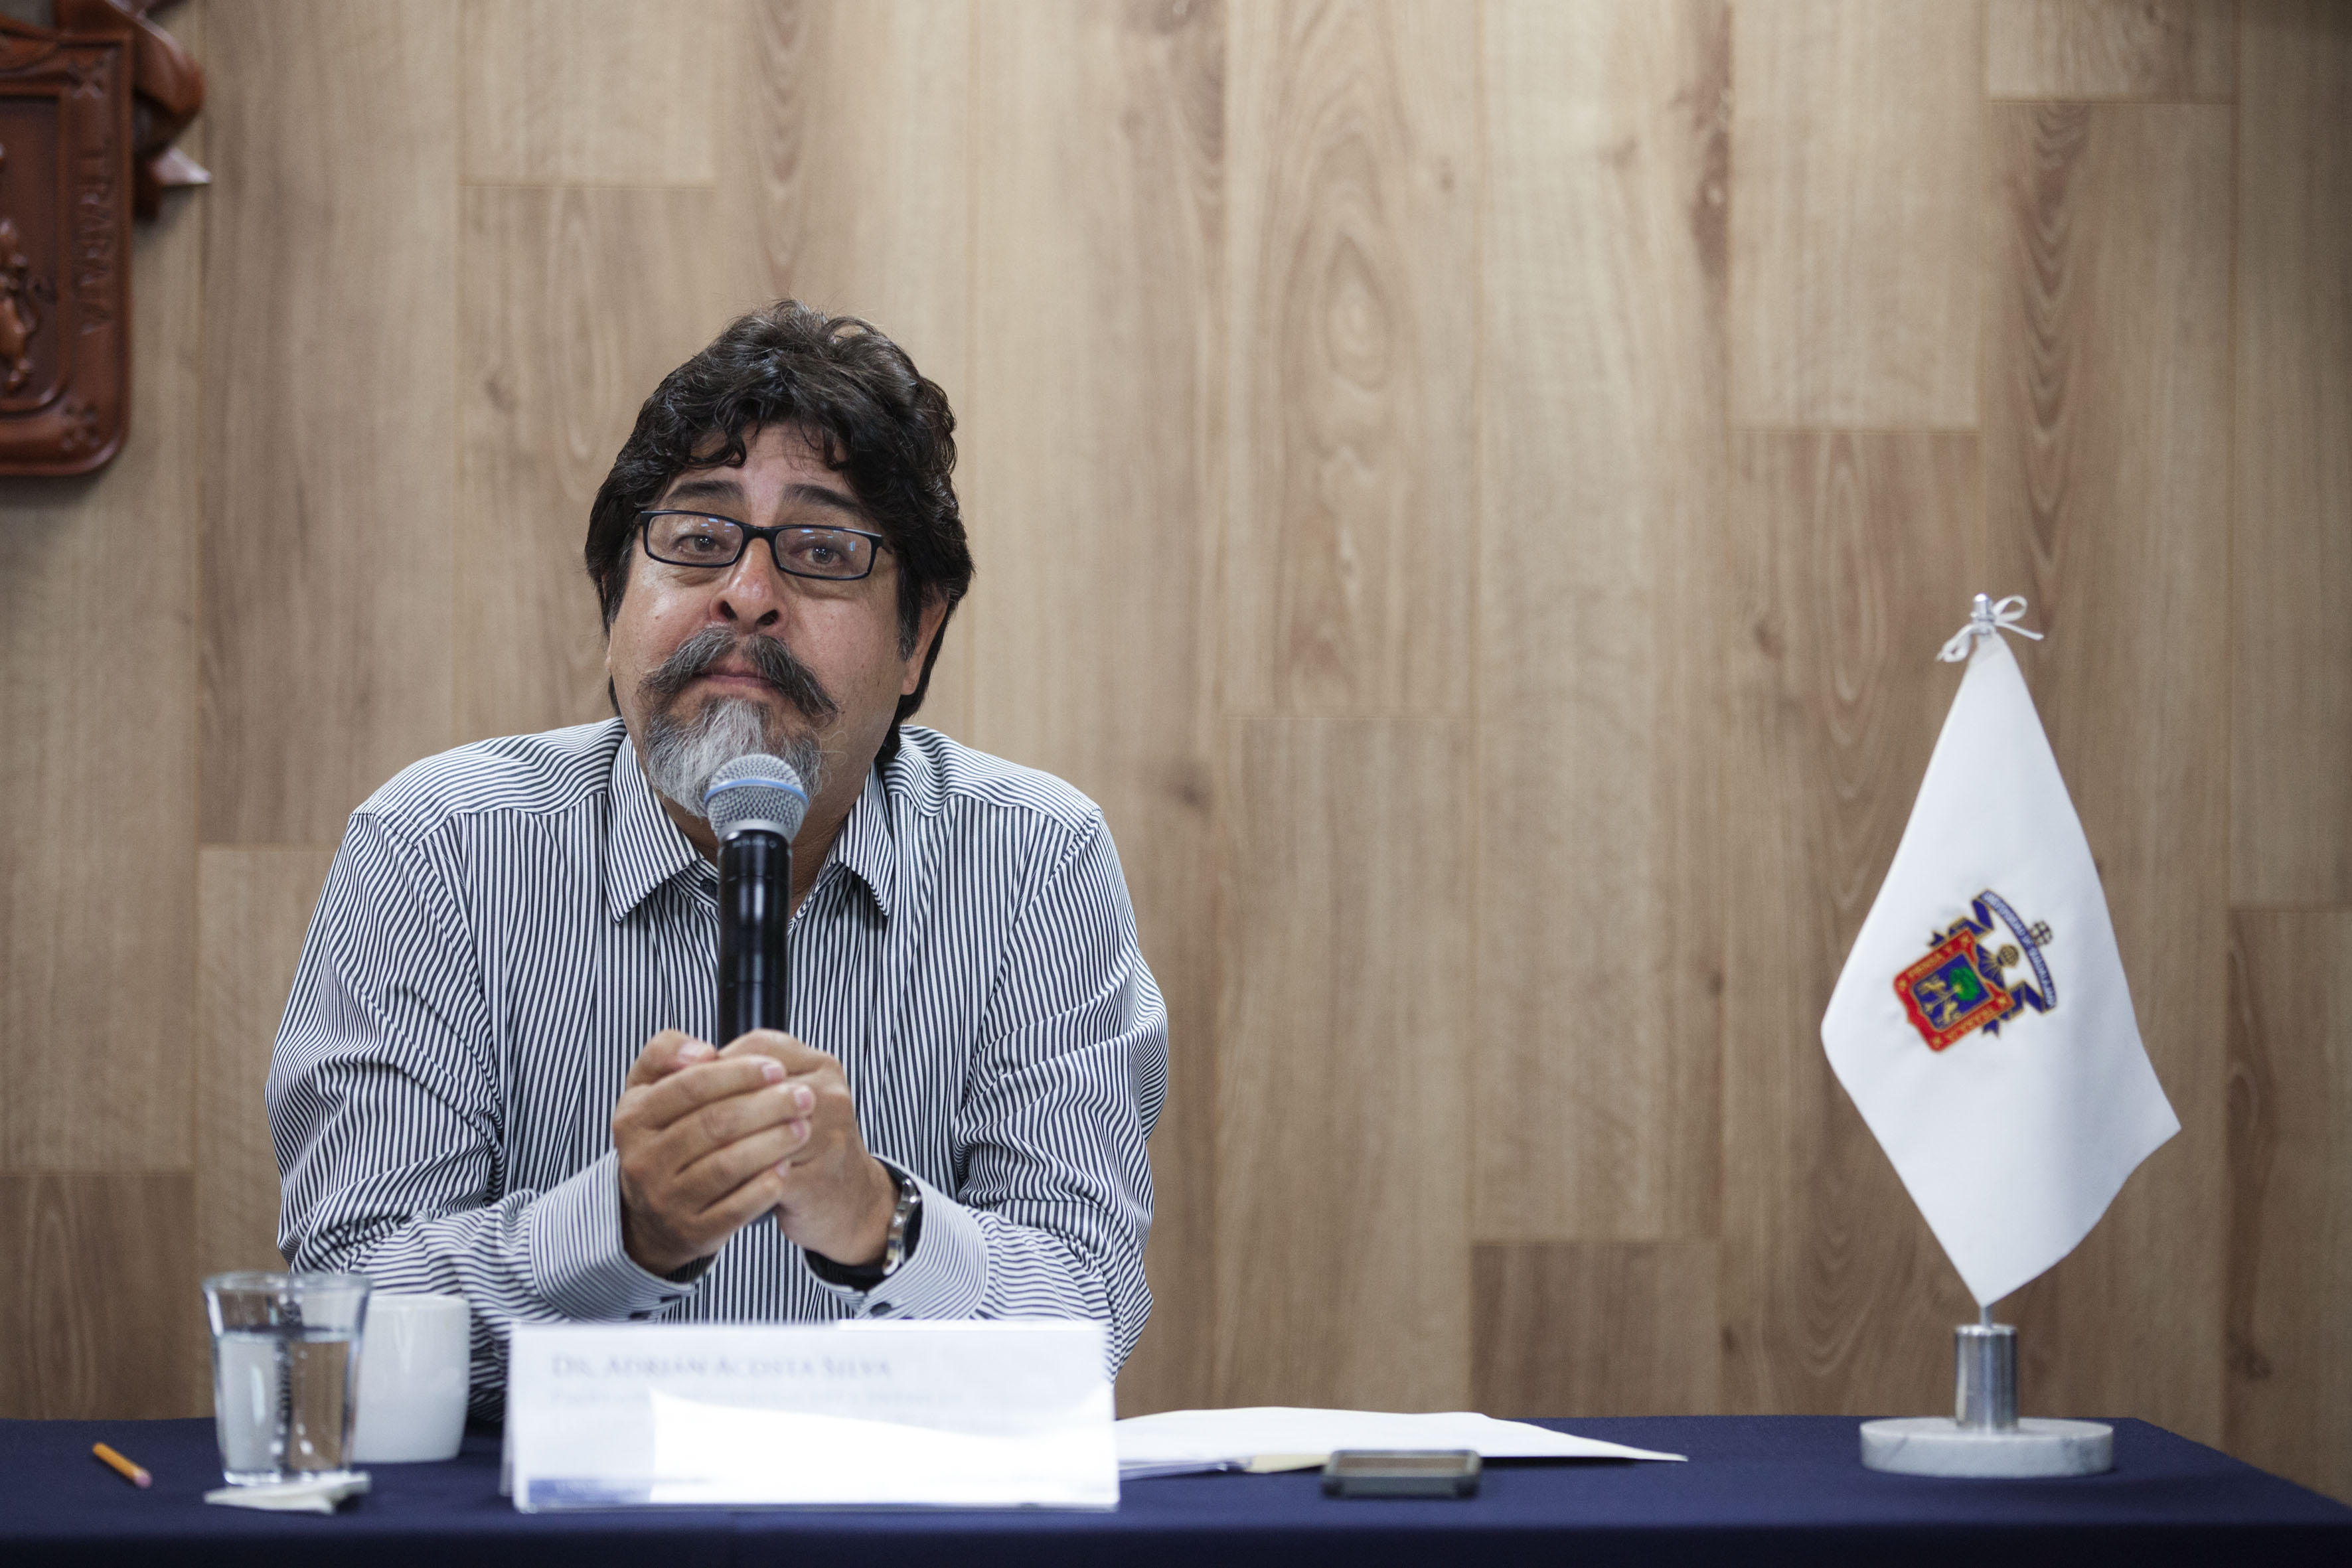 Doctor Adrián Acosta Silva, profesor investigador del Centro de Estudios Estratégicos para el Desarrollo (CEED) del Centro Universitario de Ciencias Sociales y Humanidades (CUCSH), participando en rueda de prensa.